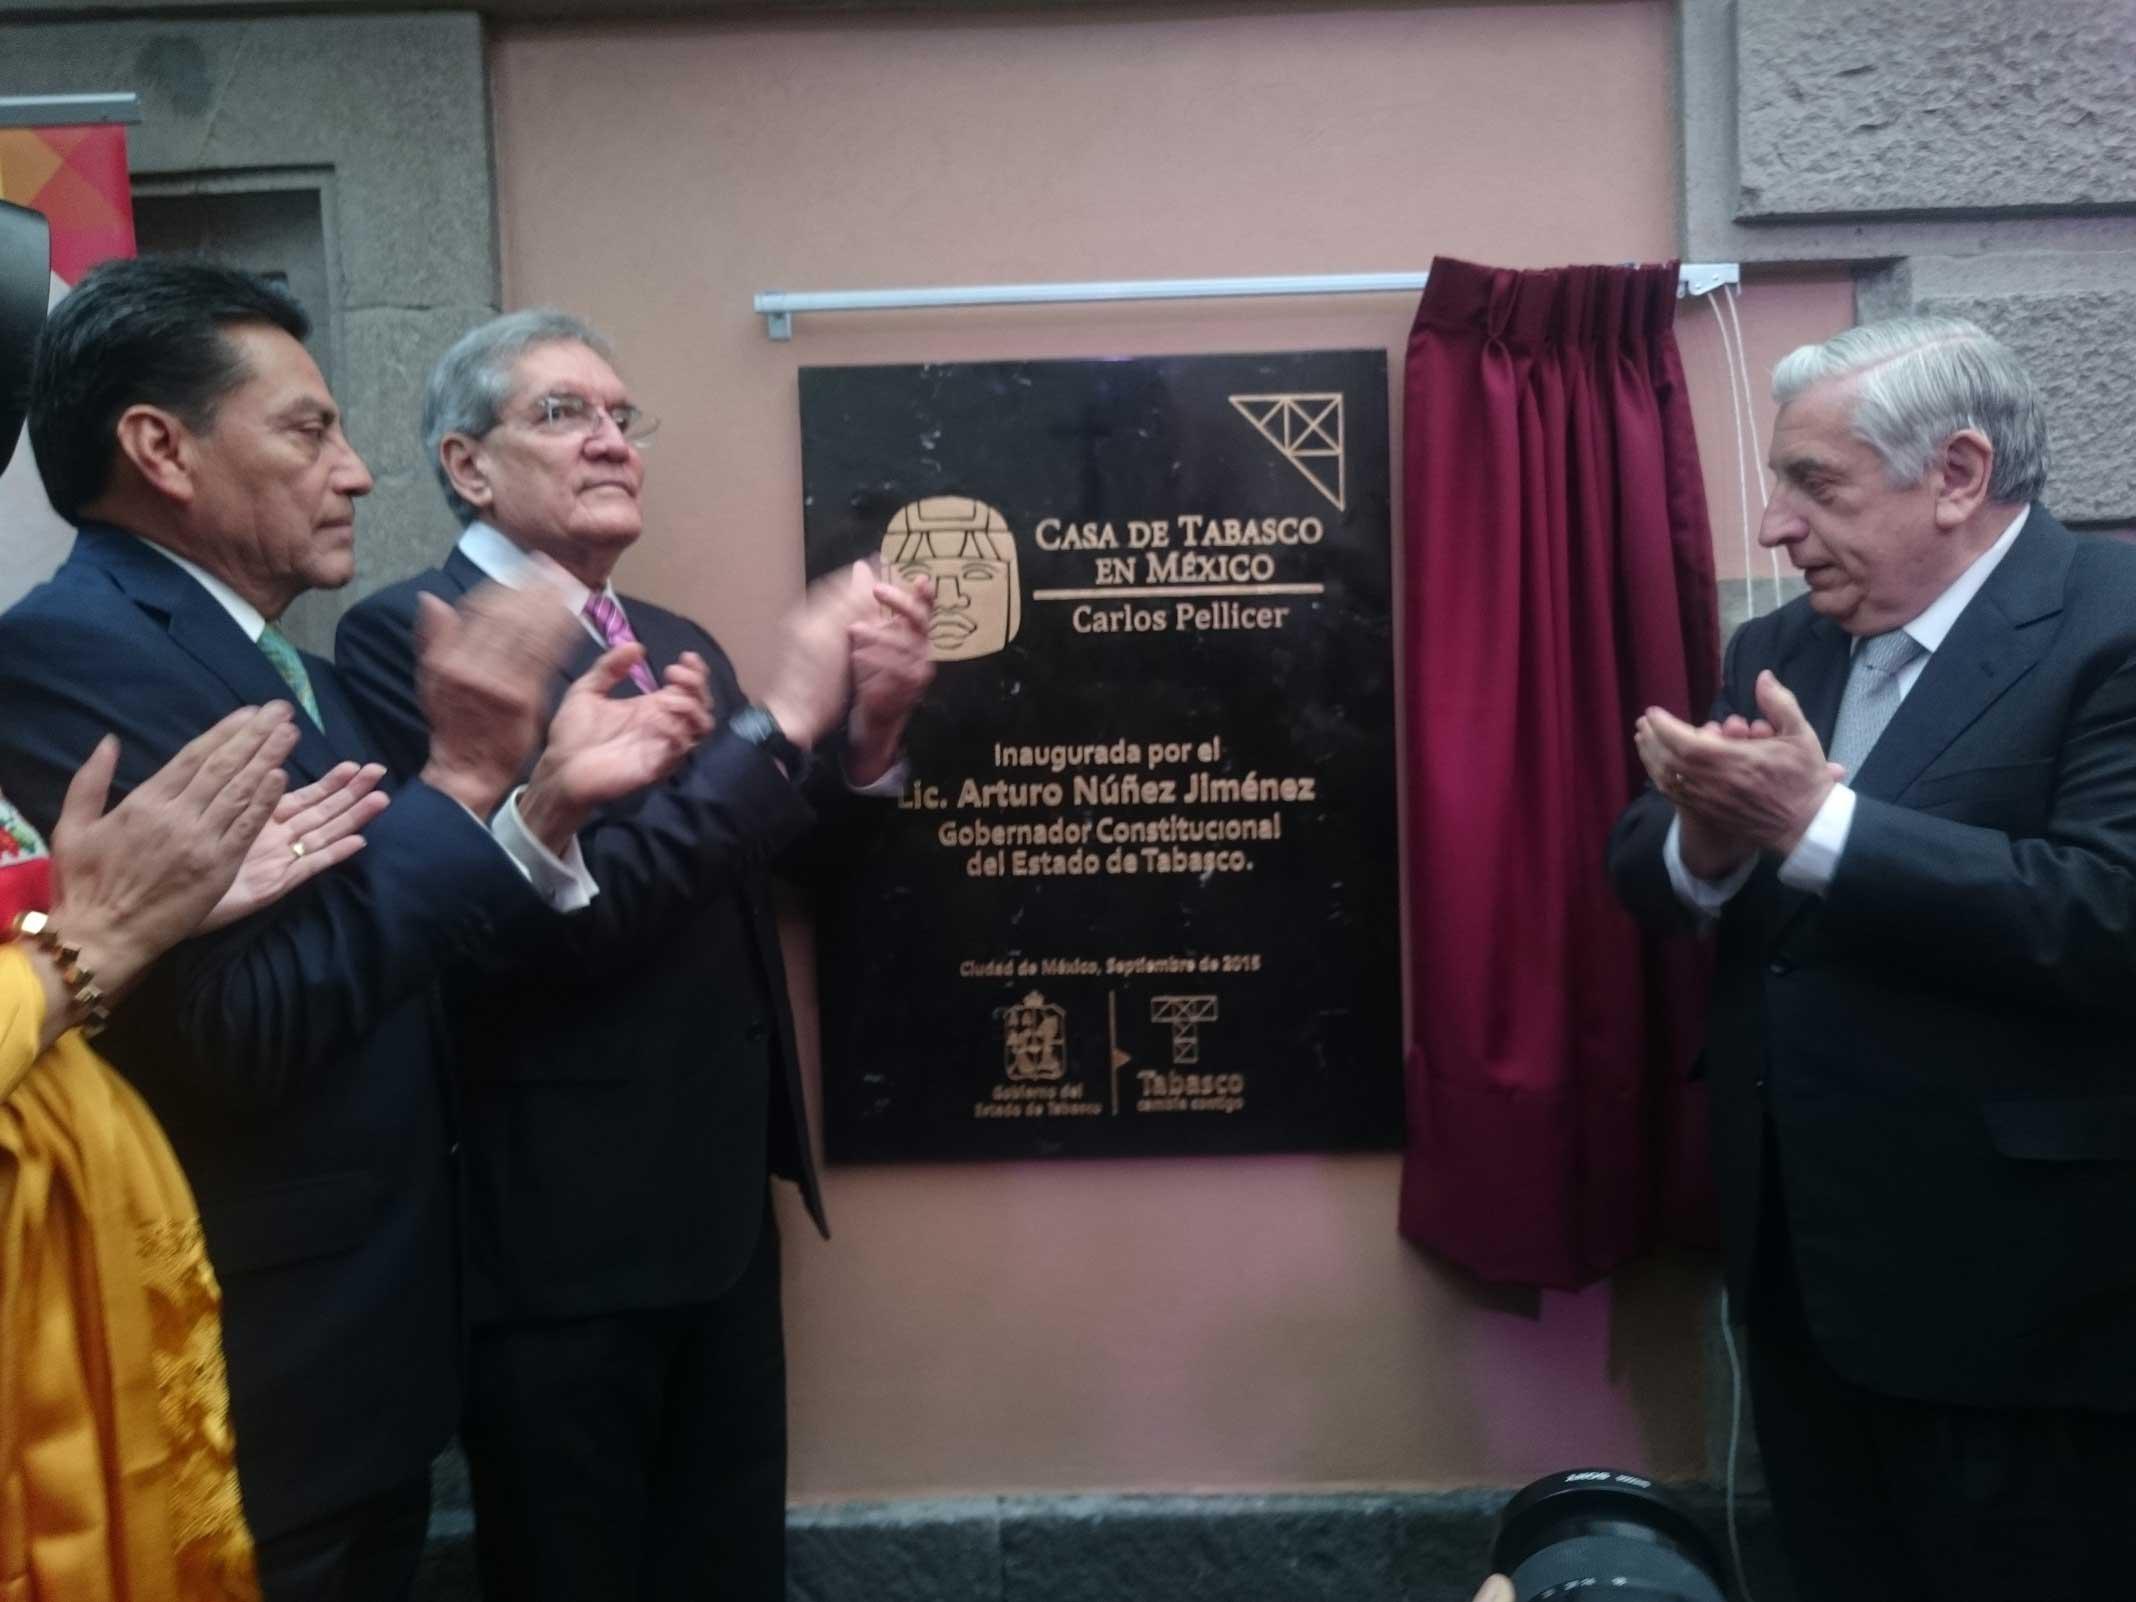 Autoridades estatales inauguran oficialmente la Casa de Tabasco en México Carlos Pellicer